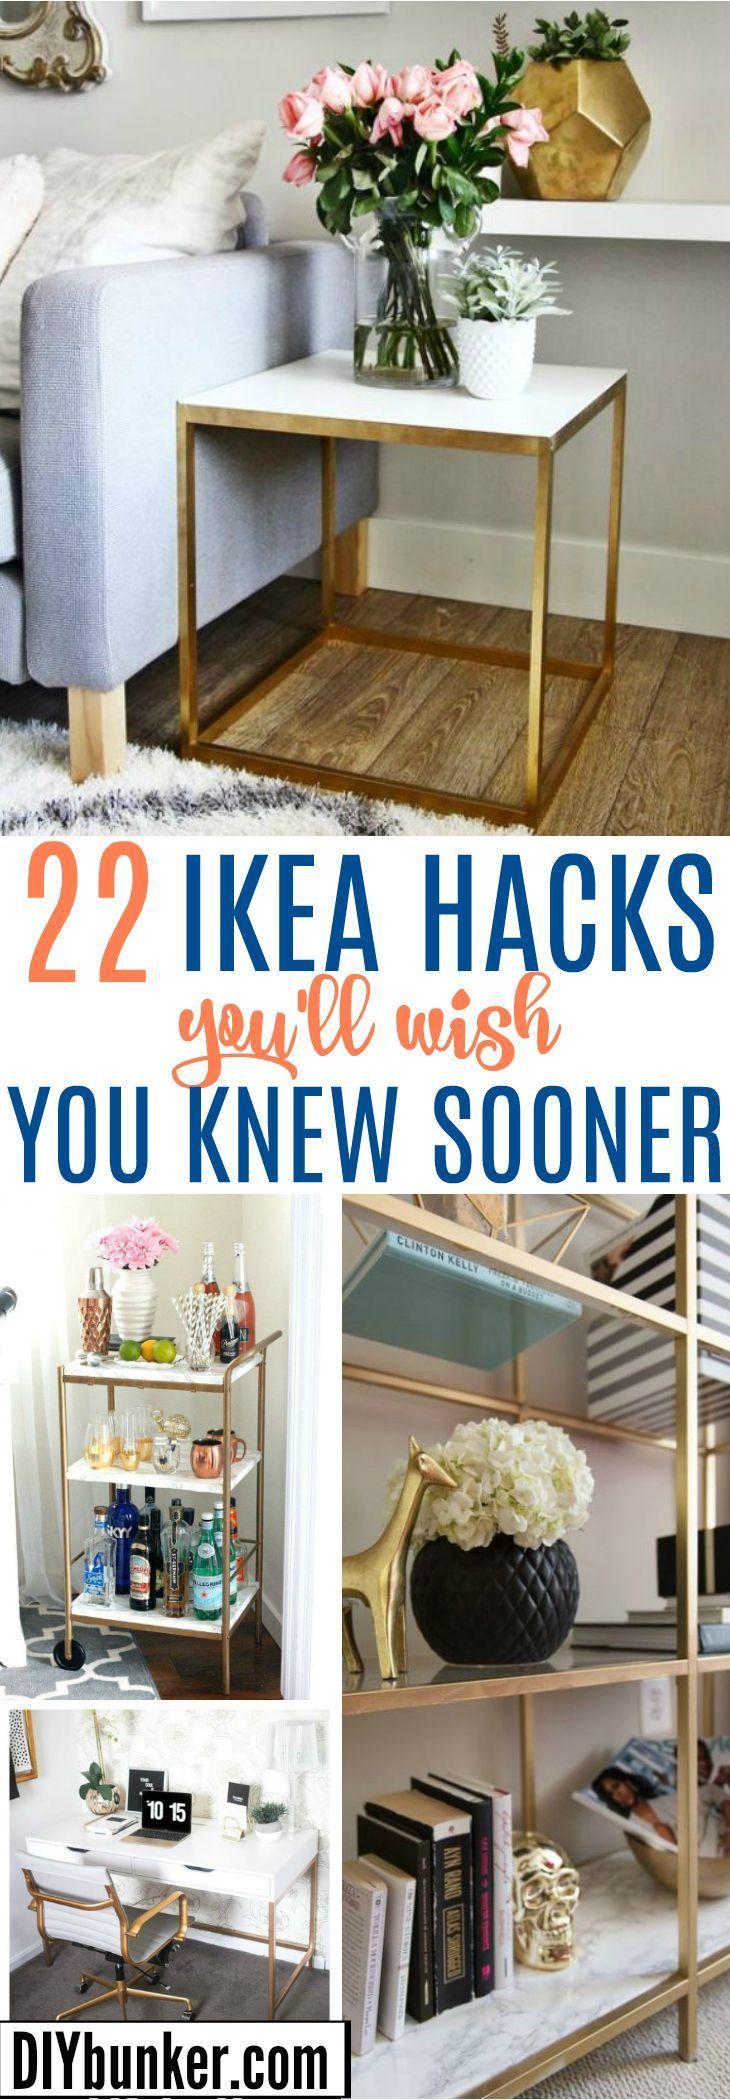 1087 besten ikea hacks bilder auf pinterest b ro ideen b ros und home office. Black Bedroom Furniture Sets. Home Design Ideas